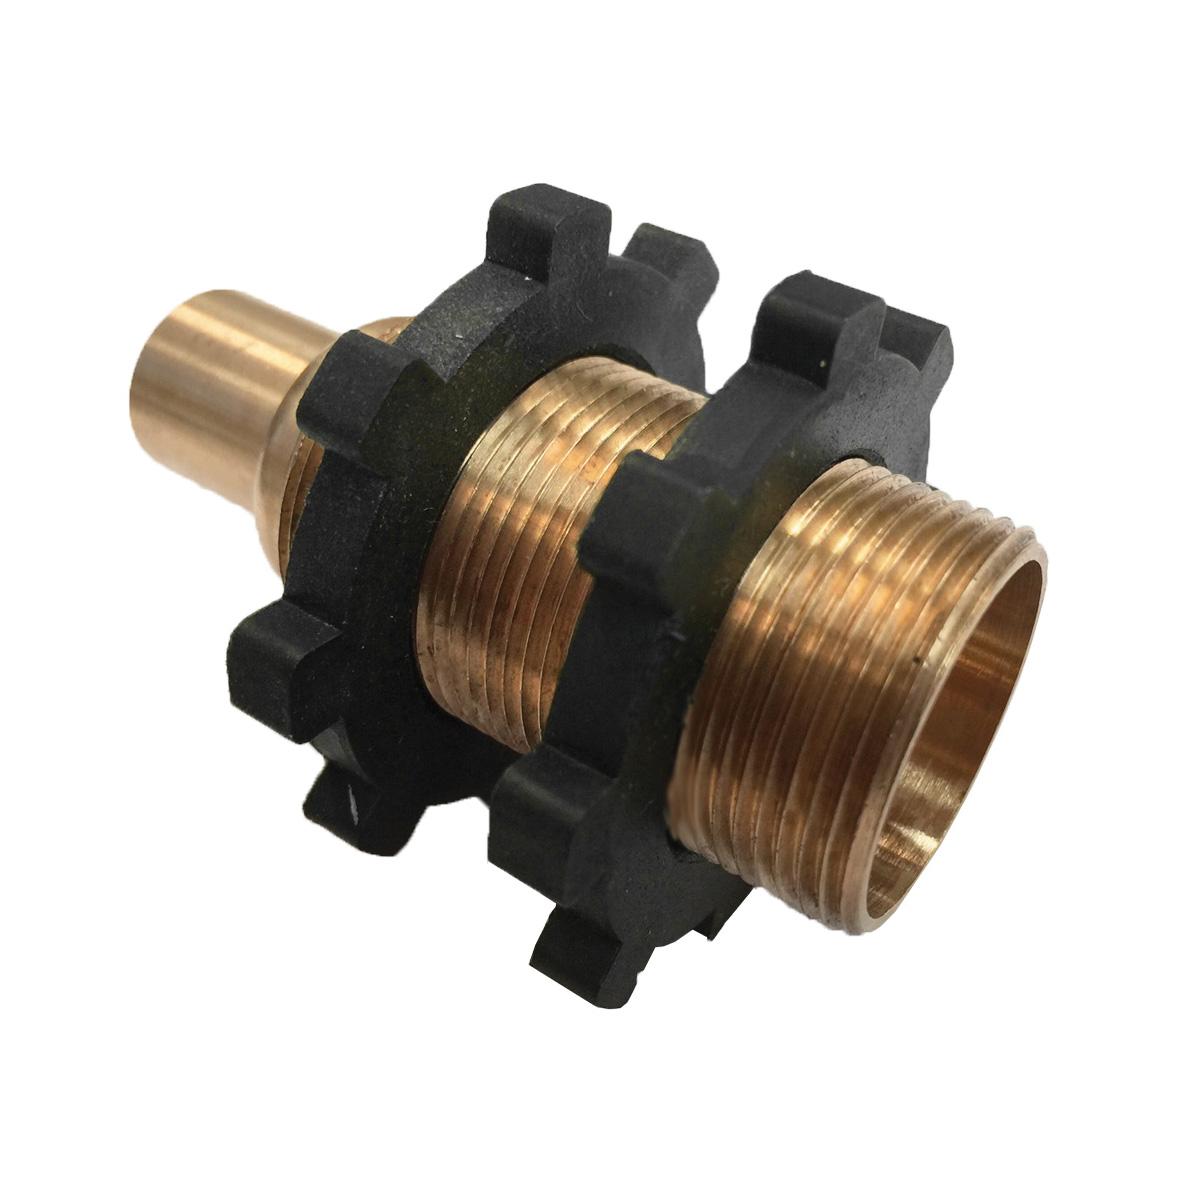 Arrowhead Brass 55CC Straight Shower Head Adapter, 1/2 in C x 1 in MNPT, Brass, Domestic